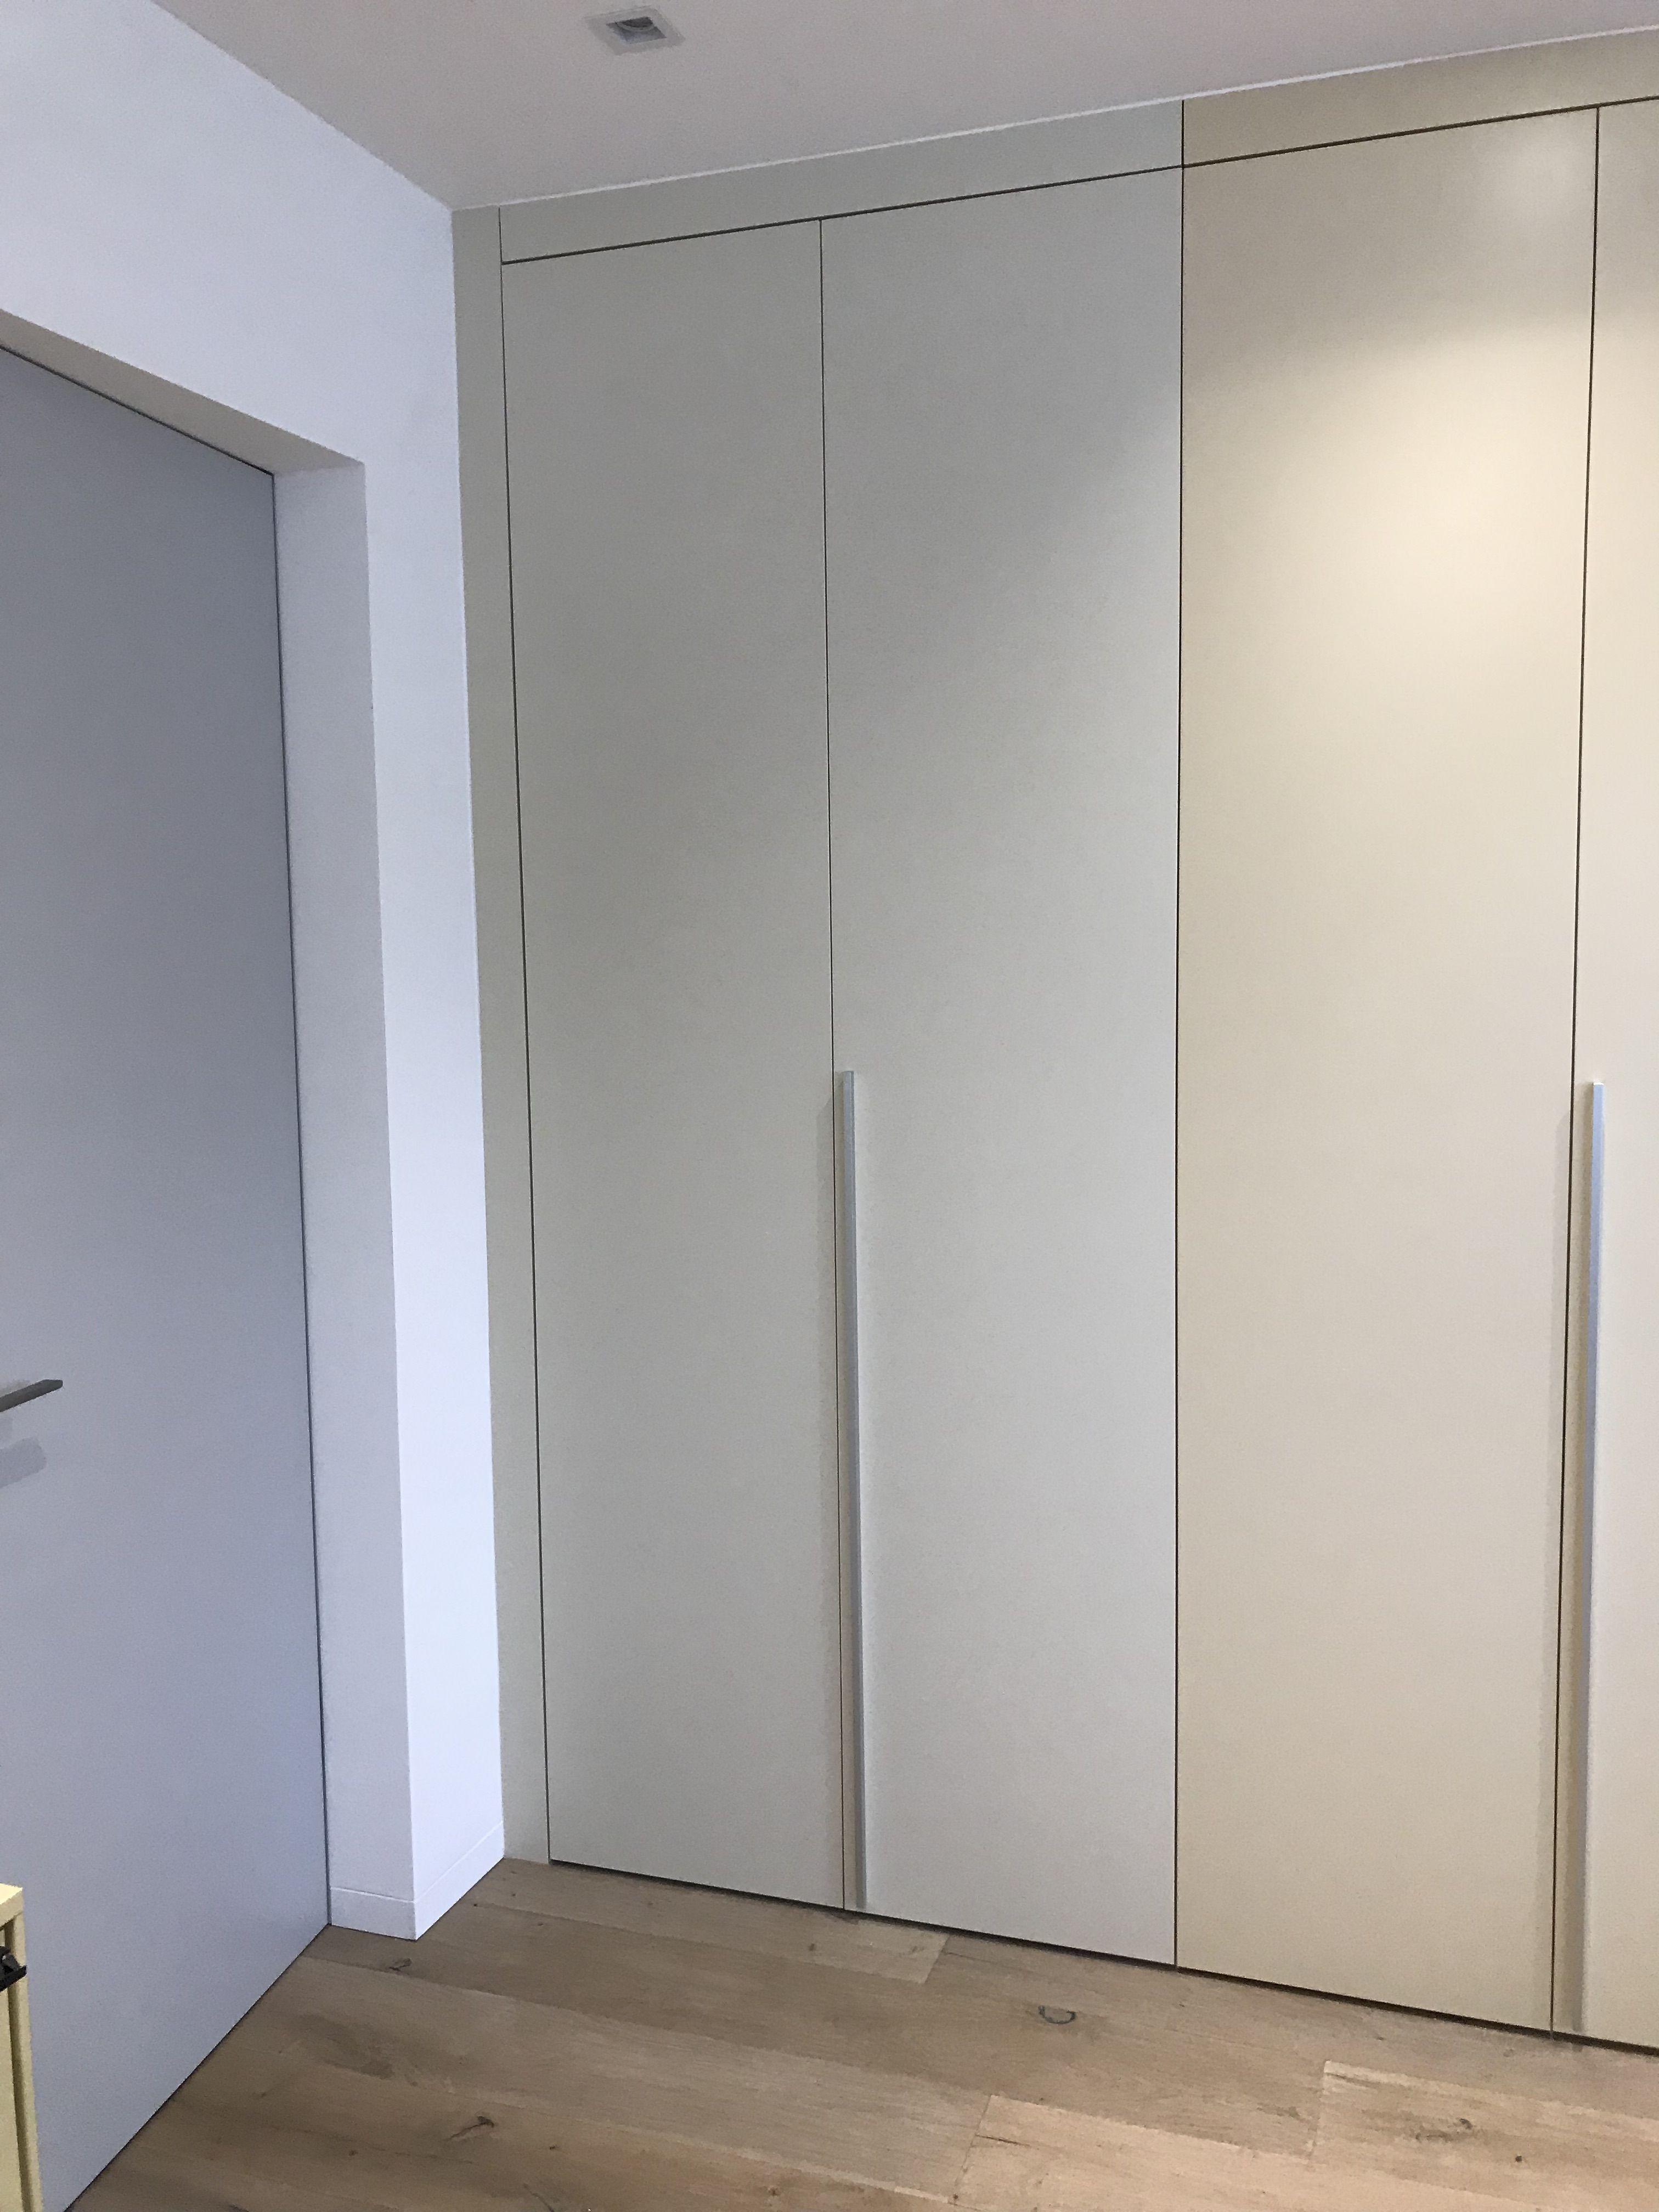 Idaw Schrank Nach Mass Einbauschranke Und Design Kommoden Einbauschrank Schrank Eingebaut